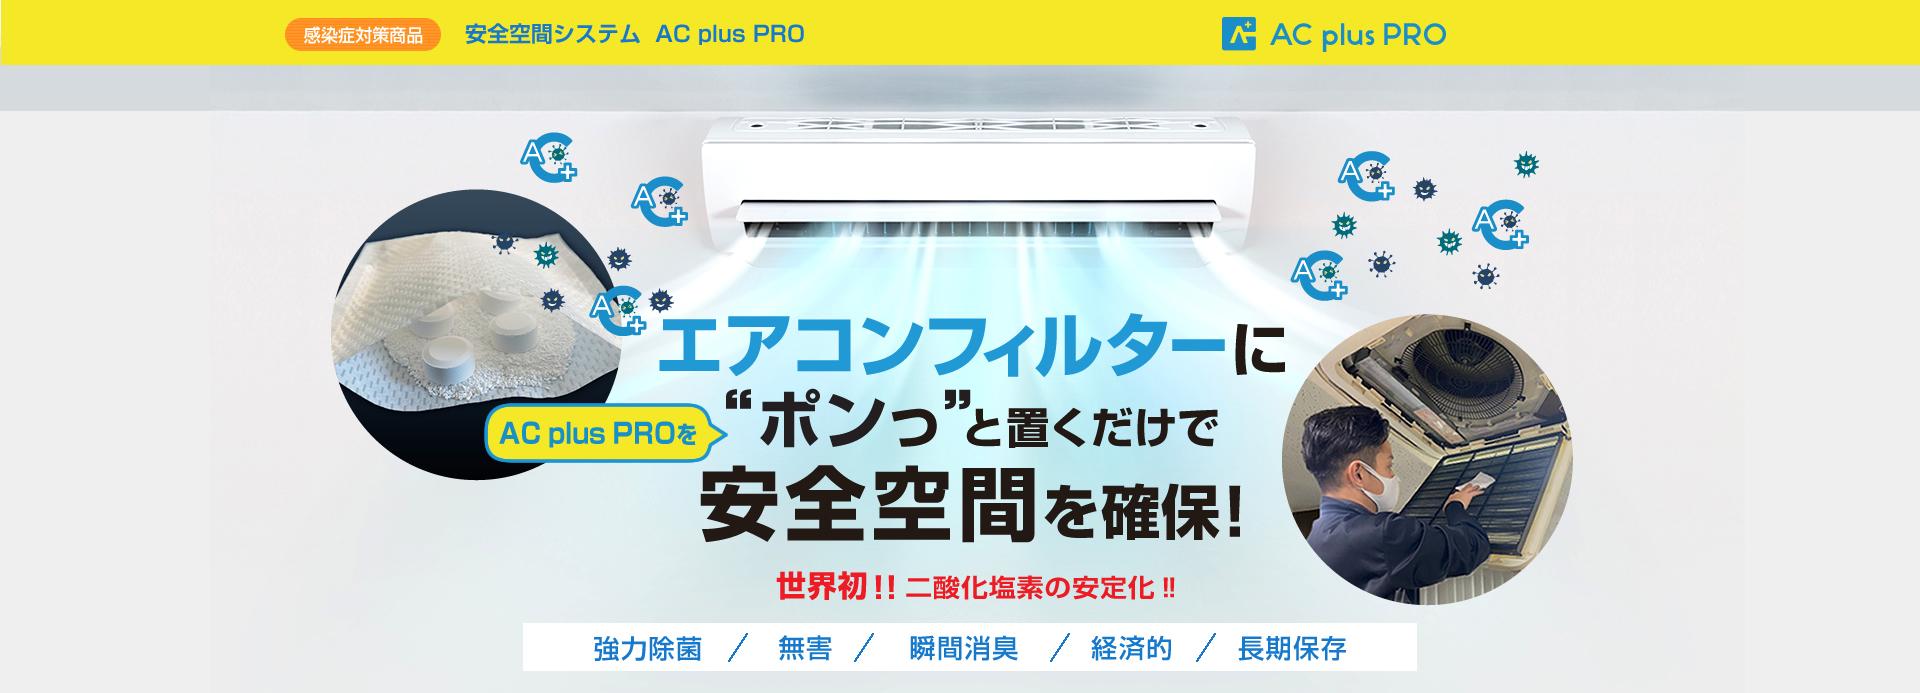 ACプラス Pro